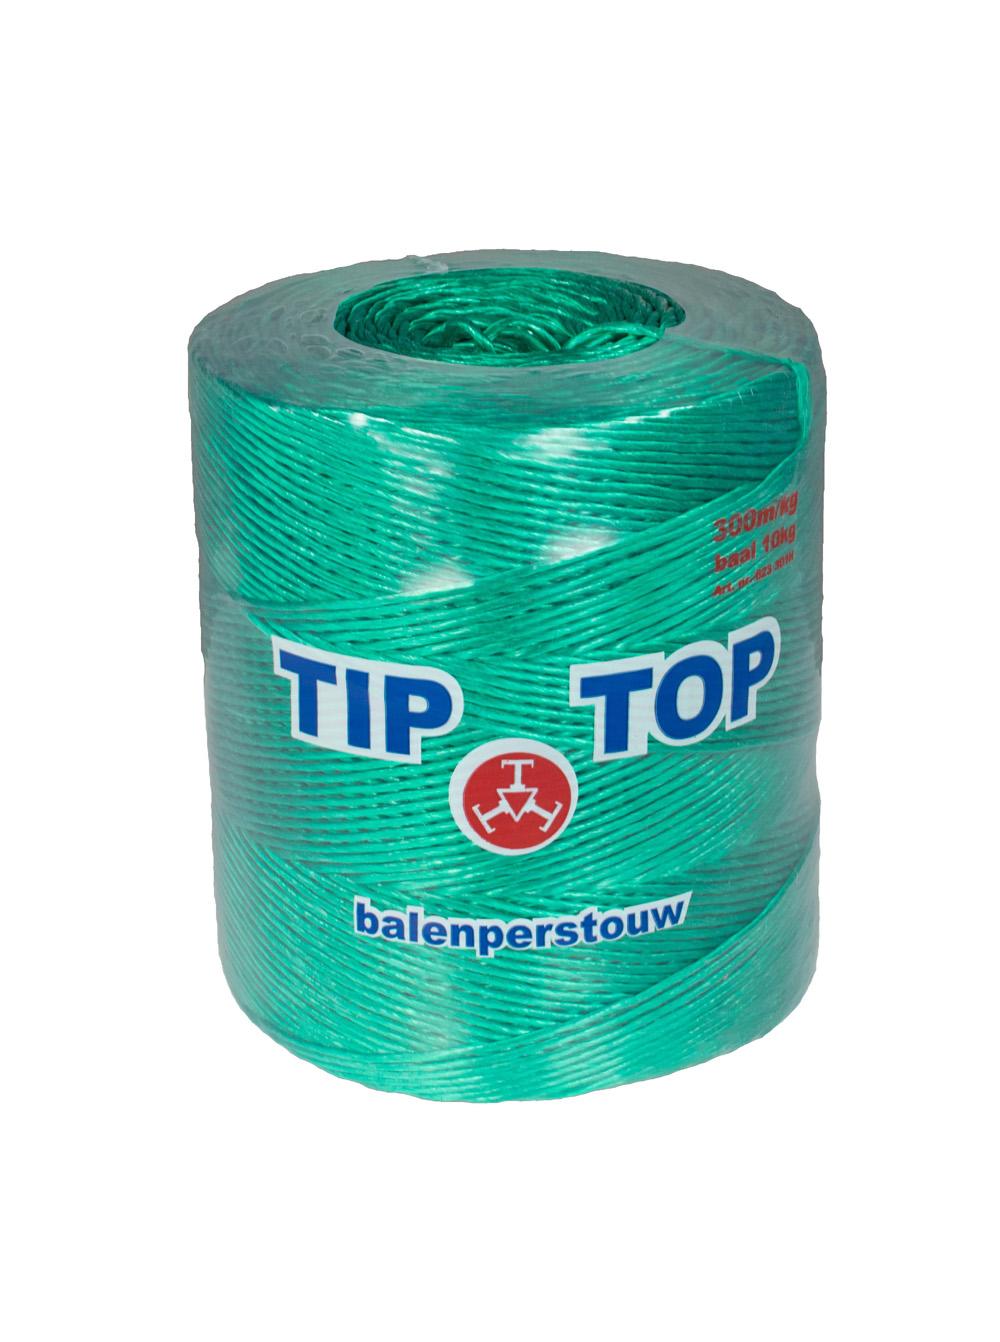 TipTop Horti